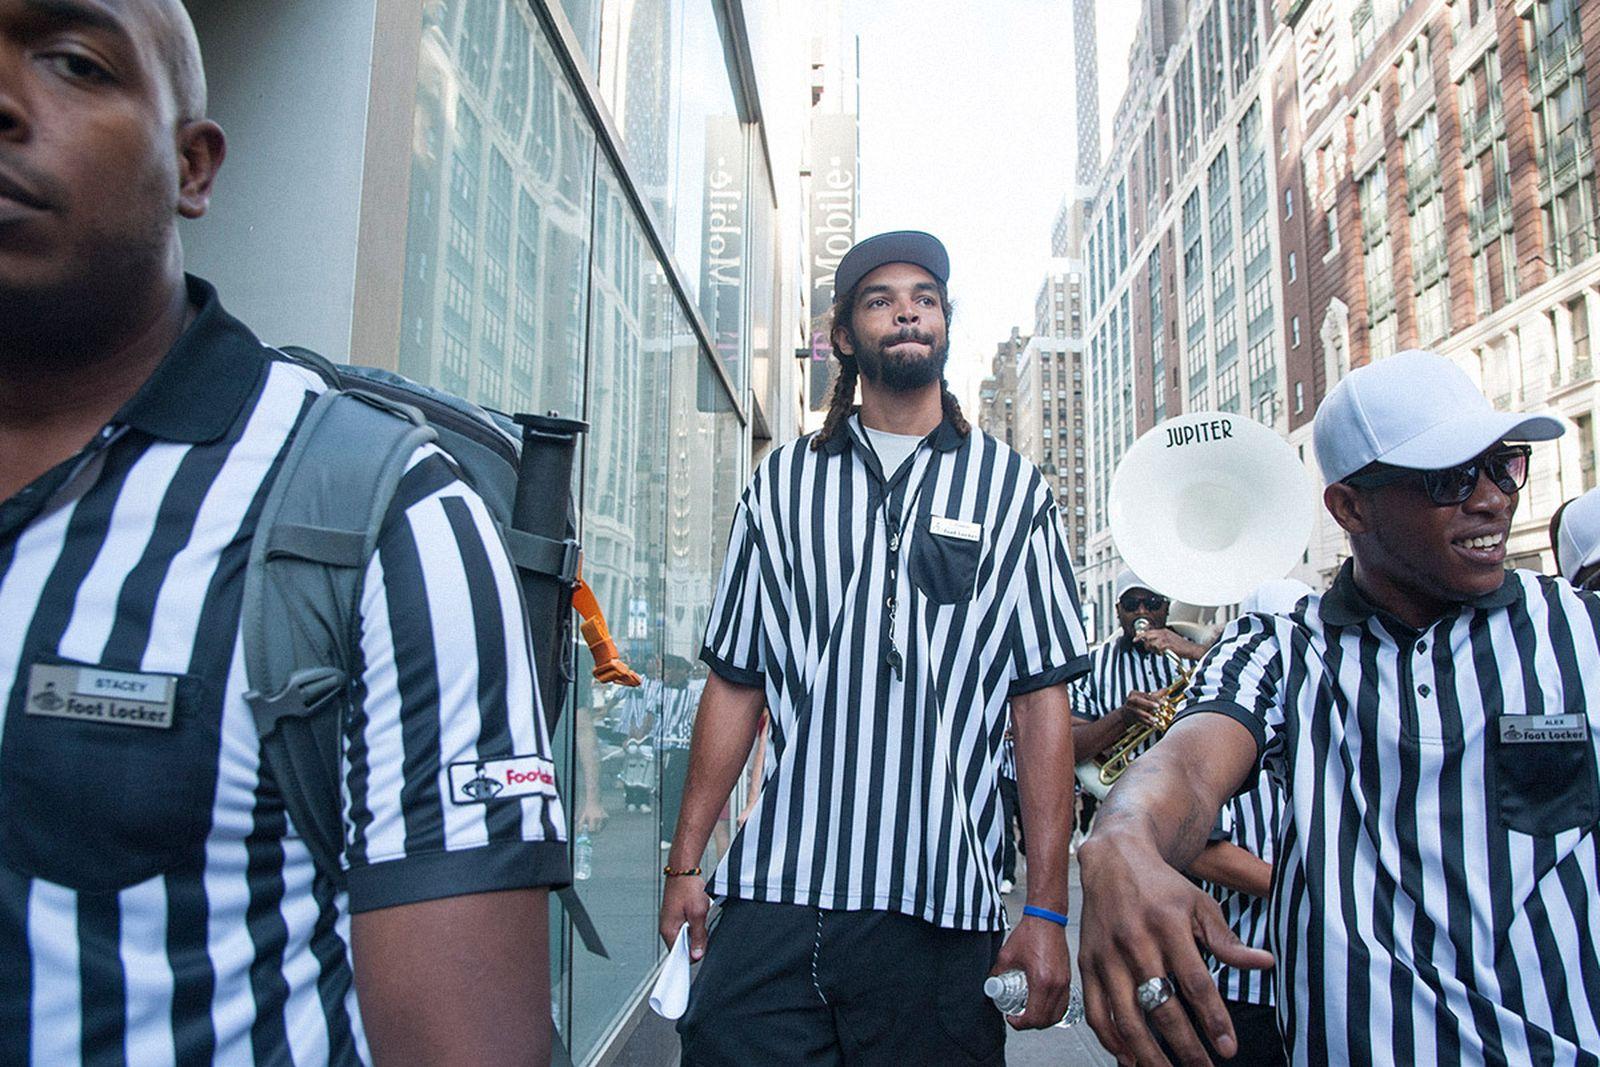 foot-locker-striper-jersey-03